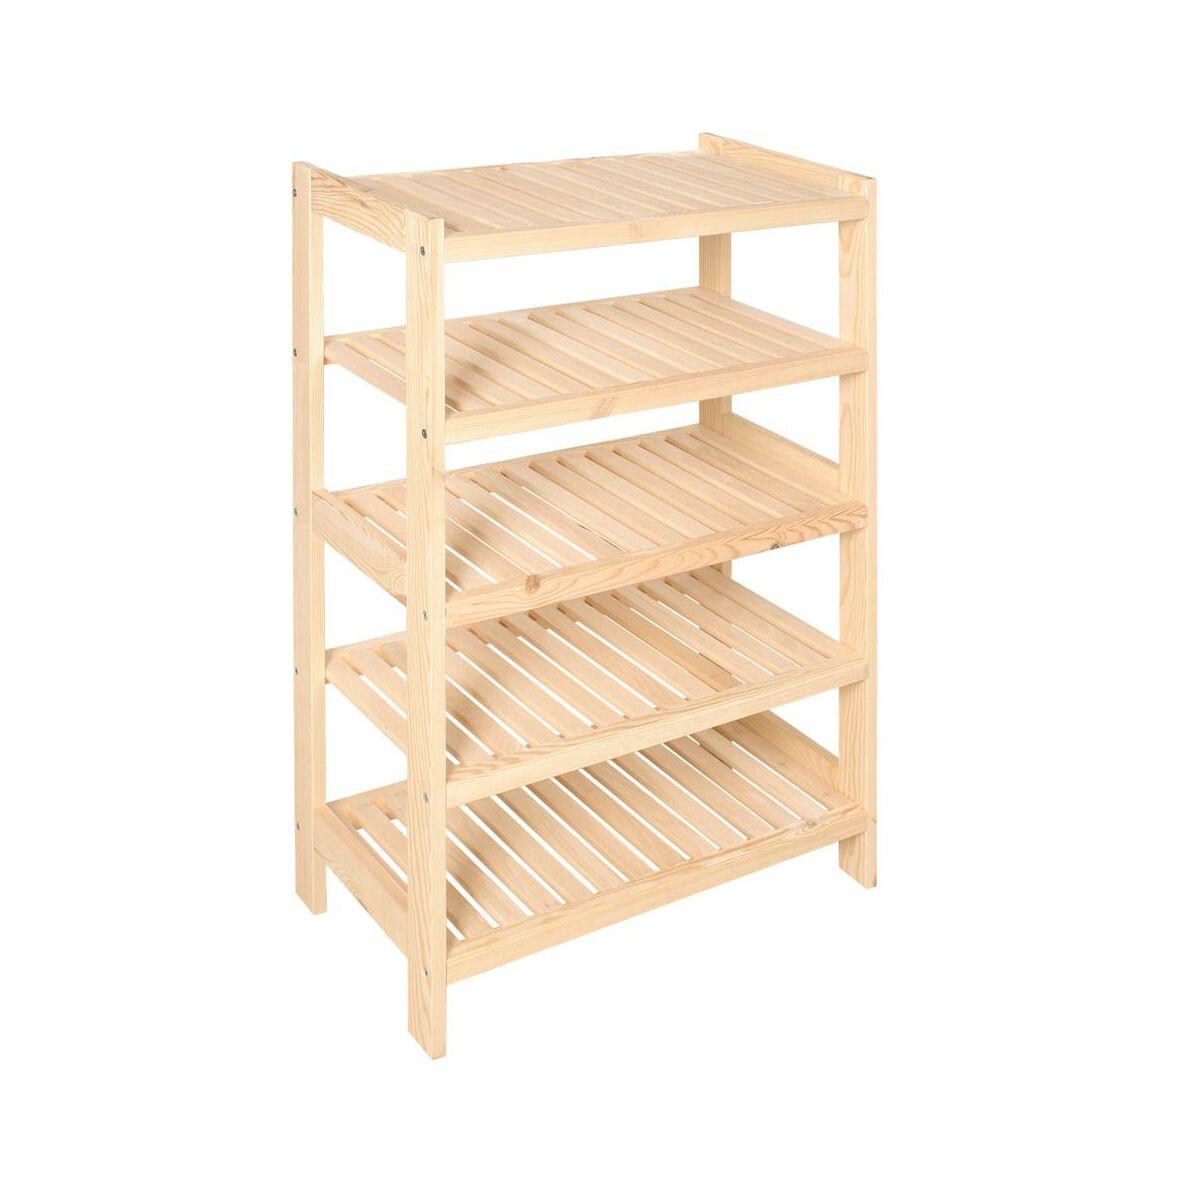 Meble Ogrodowe Drewniane Leroy Merlin :  cm  Regały drewniane  w atrakcyjnej cenie w sklepach Leroy Merlin